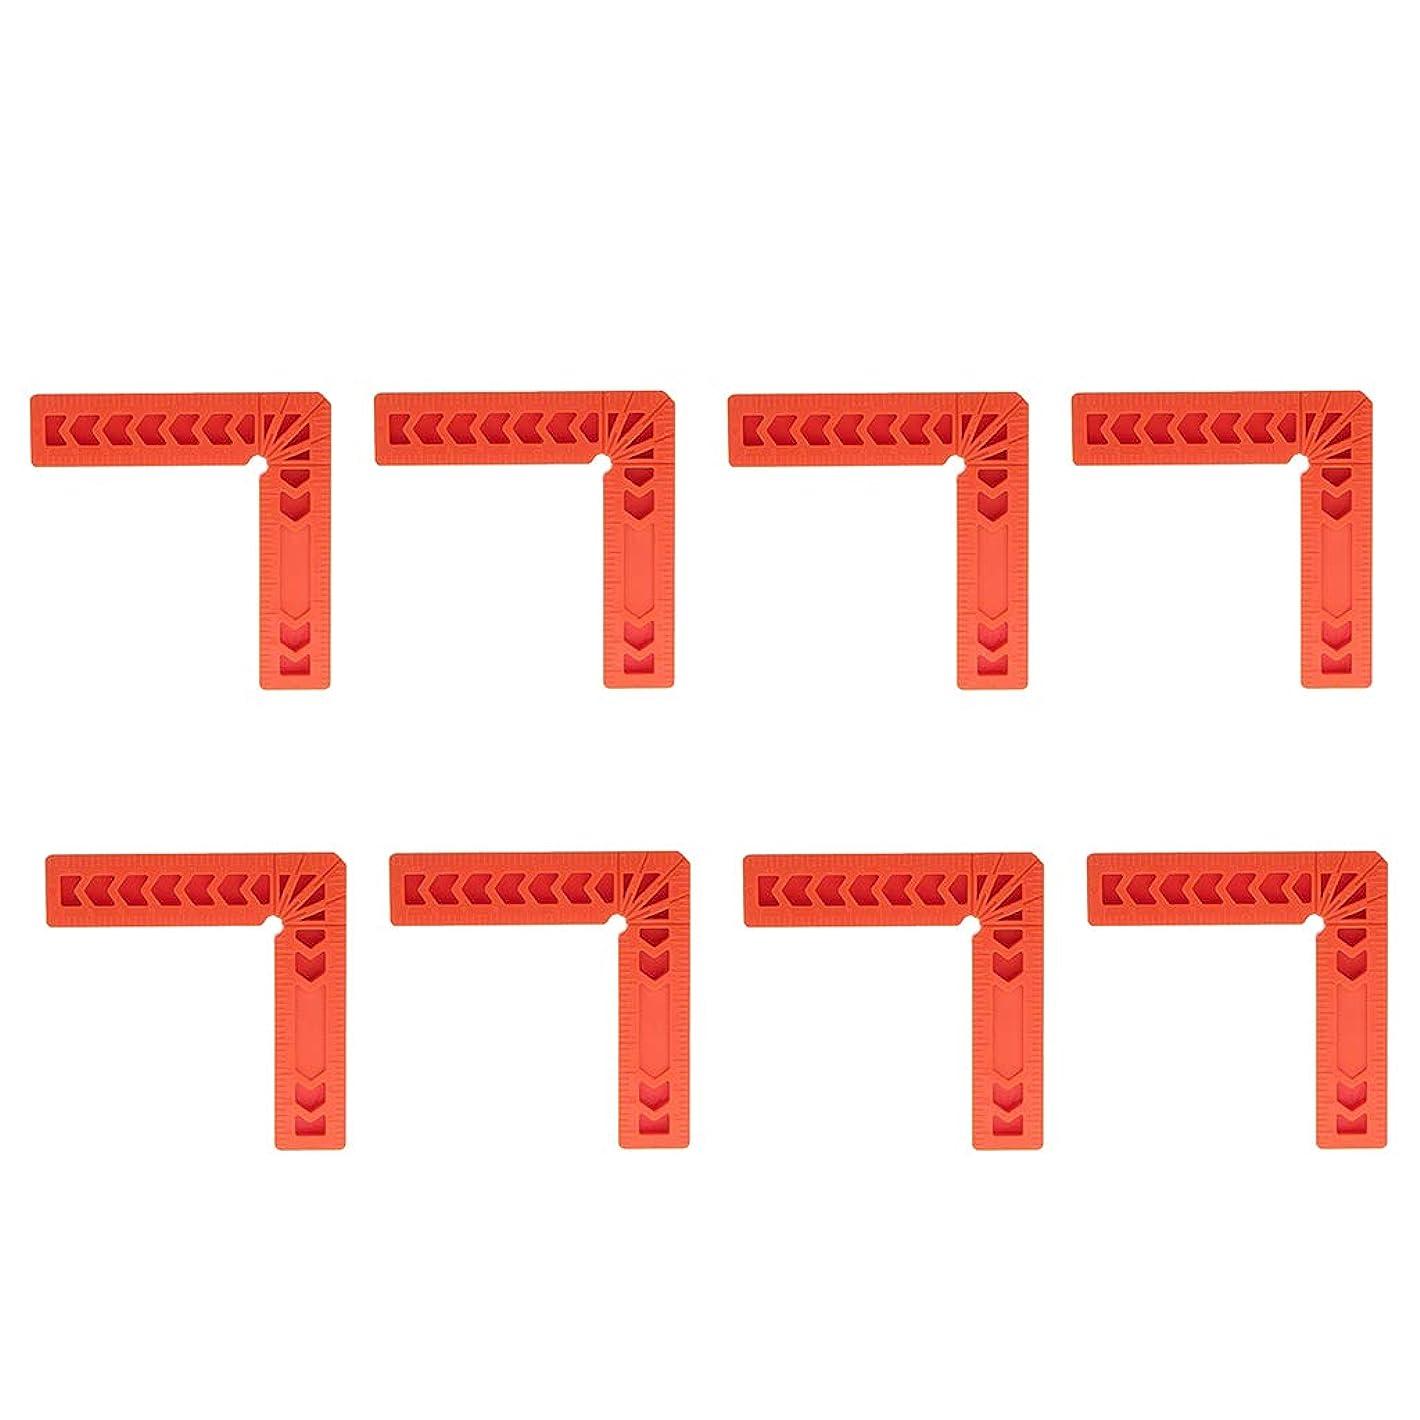 頼むハーフ影響を受けやすいですB Blesiya 8個の位置決め正方形のパック-額縁、ボックス、キャビネット、または引き出し用に90度の角度を固定